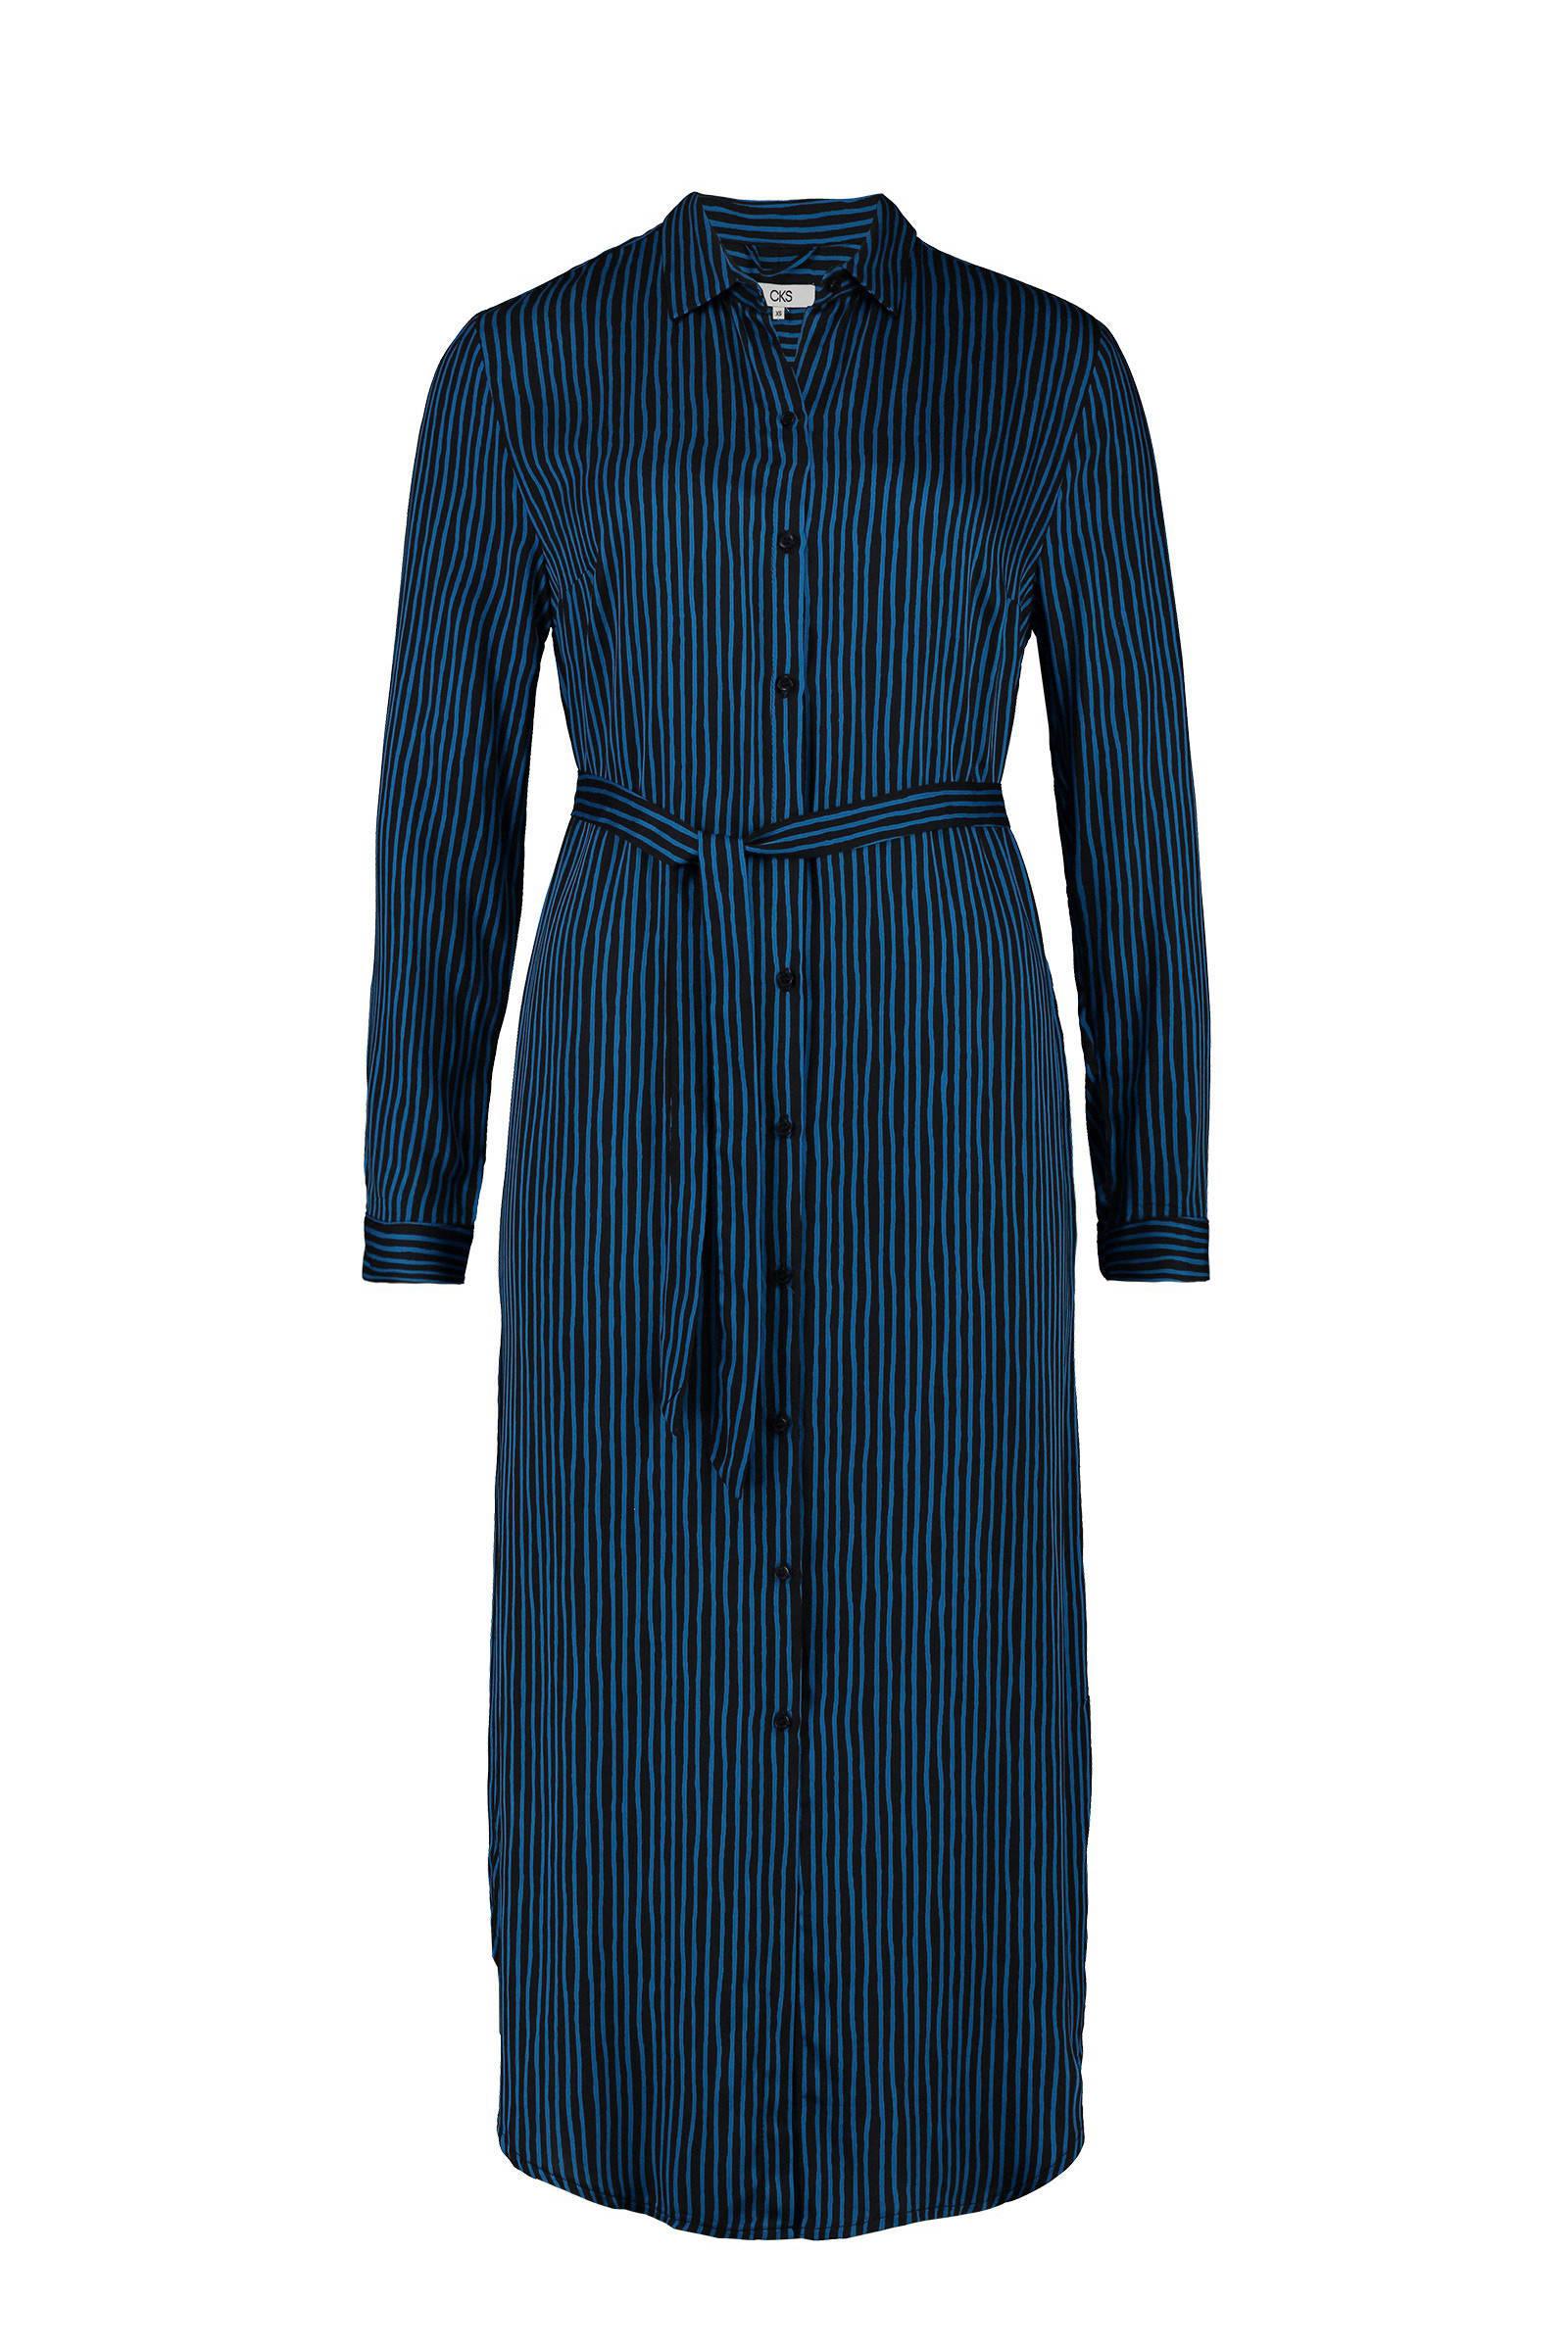 blauwe blouse jurk